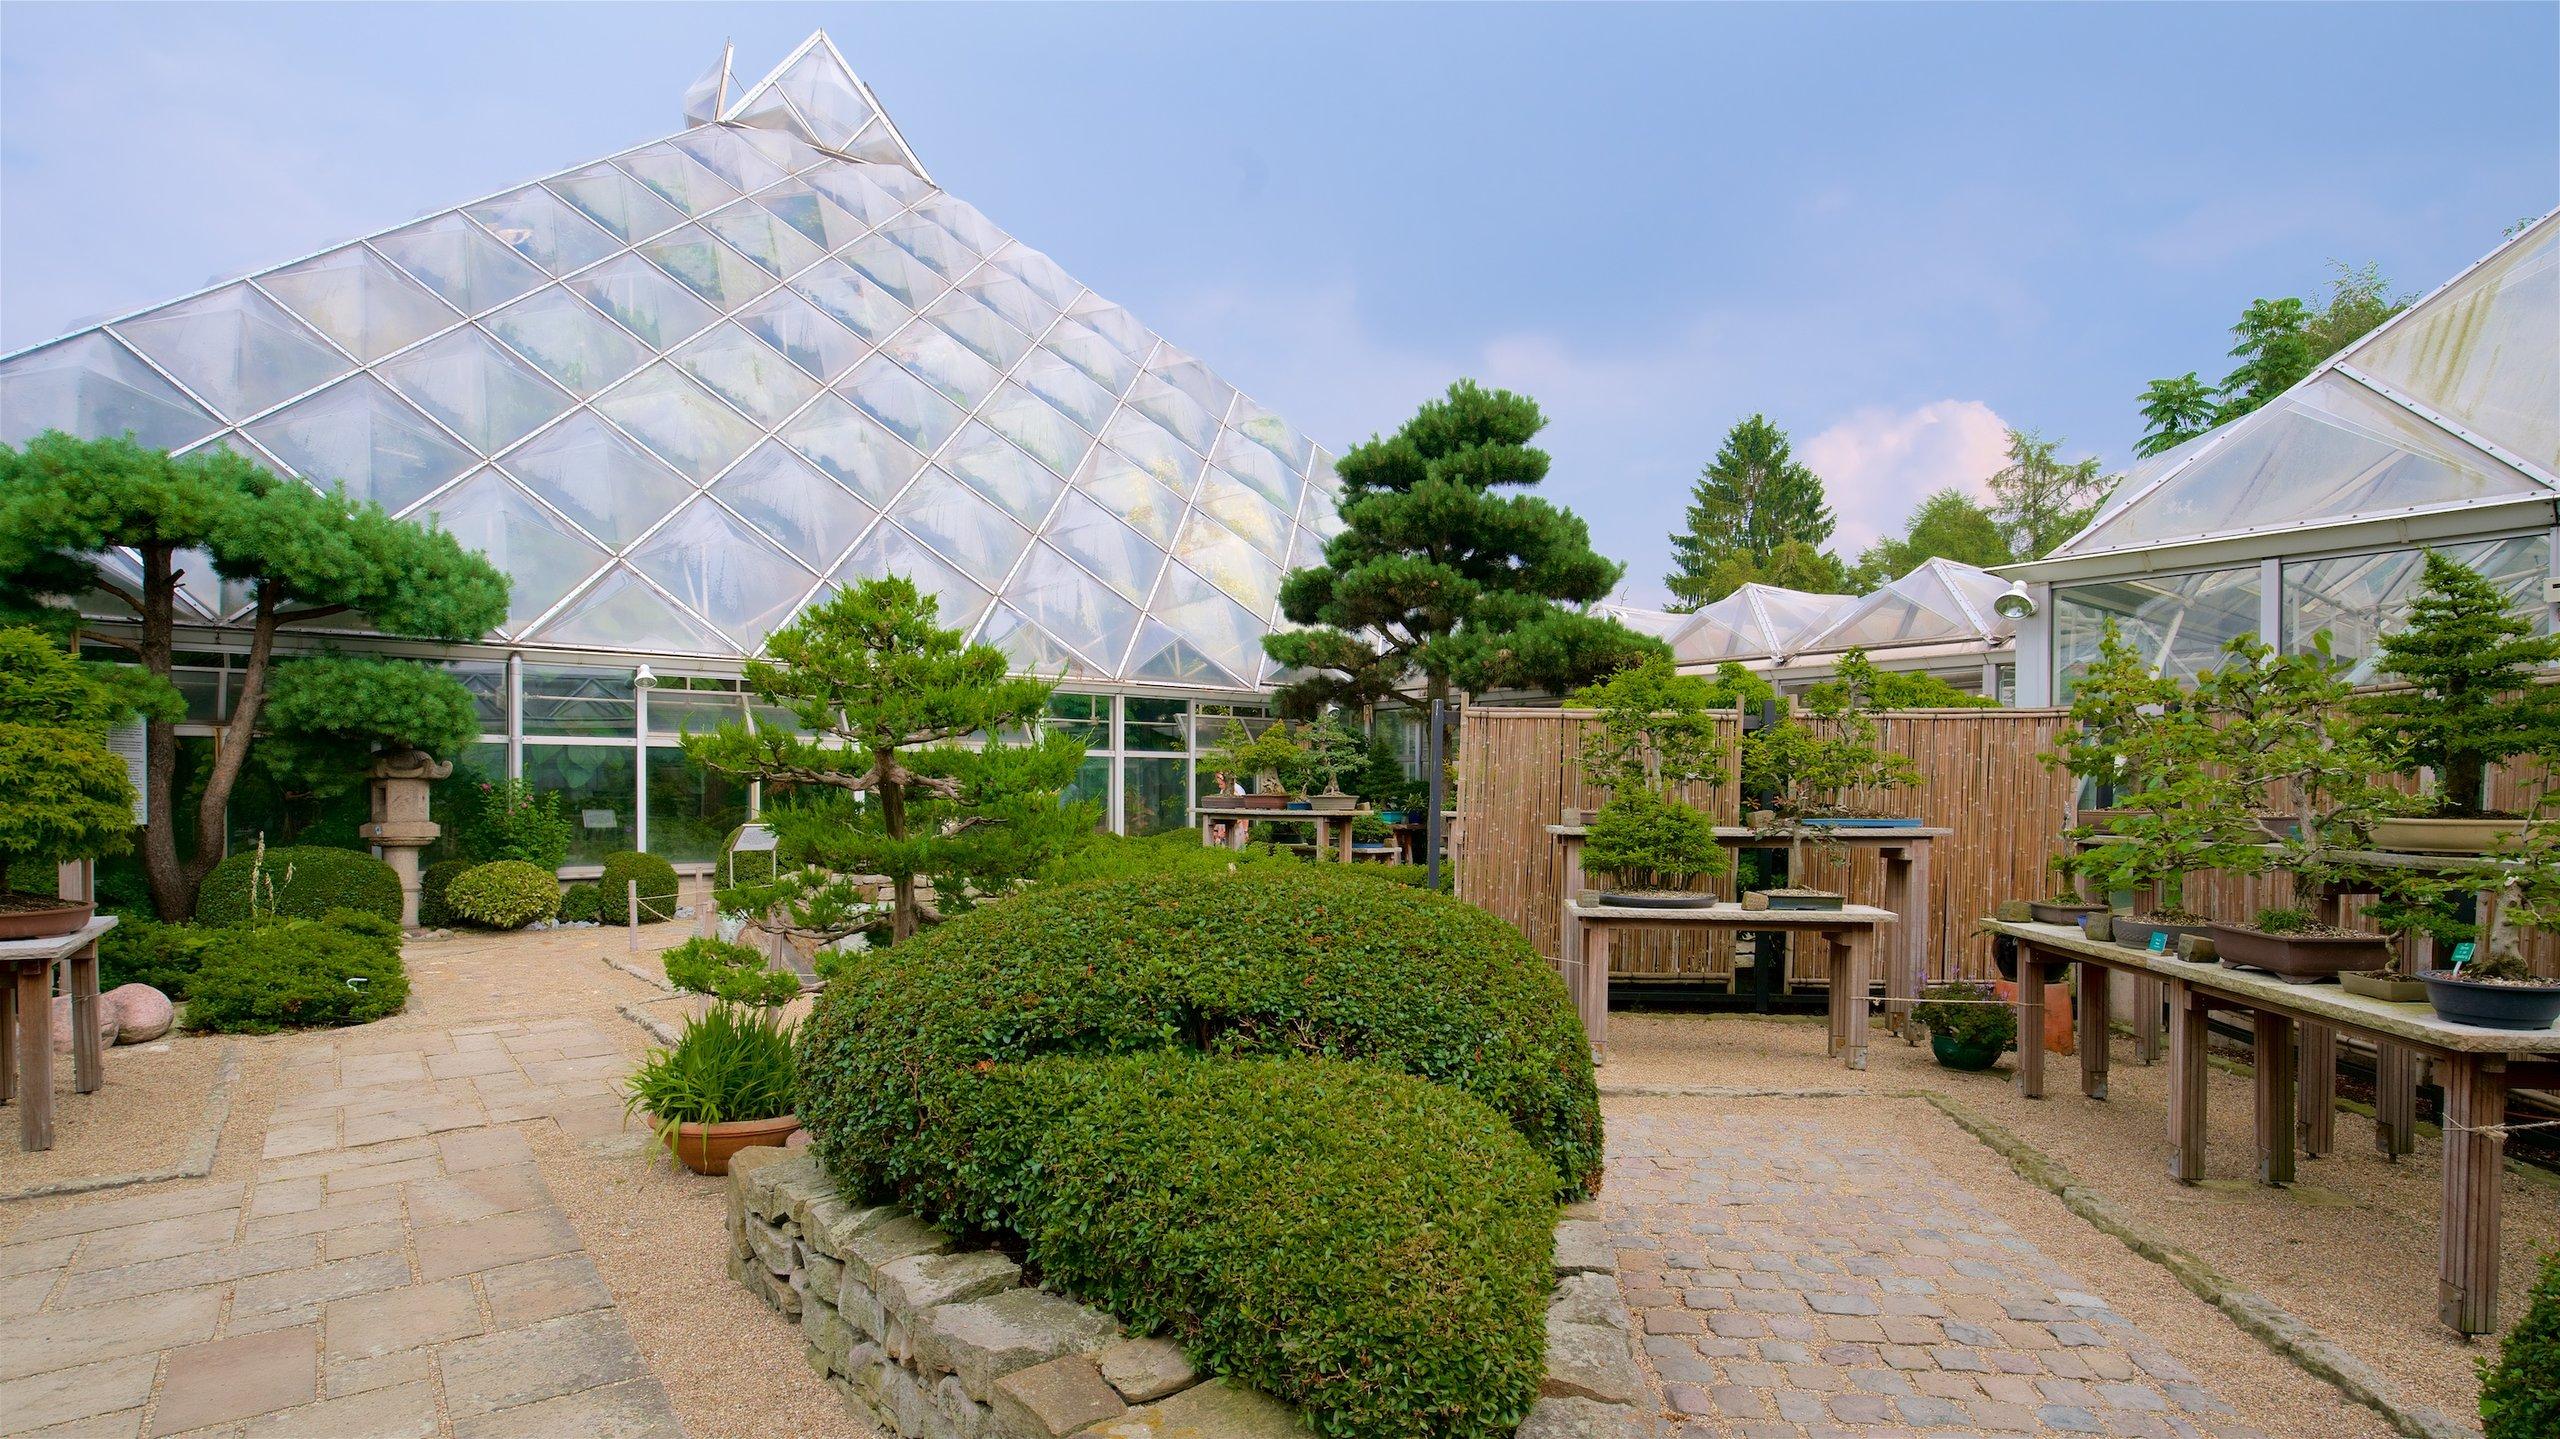 Botanischer Garten Grugapark, Essen, Noordrijn-Westfalen, Duitsland